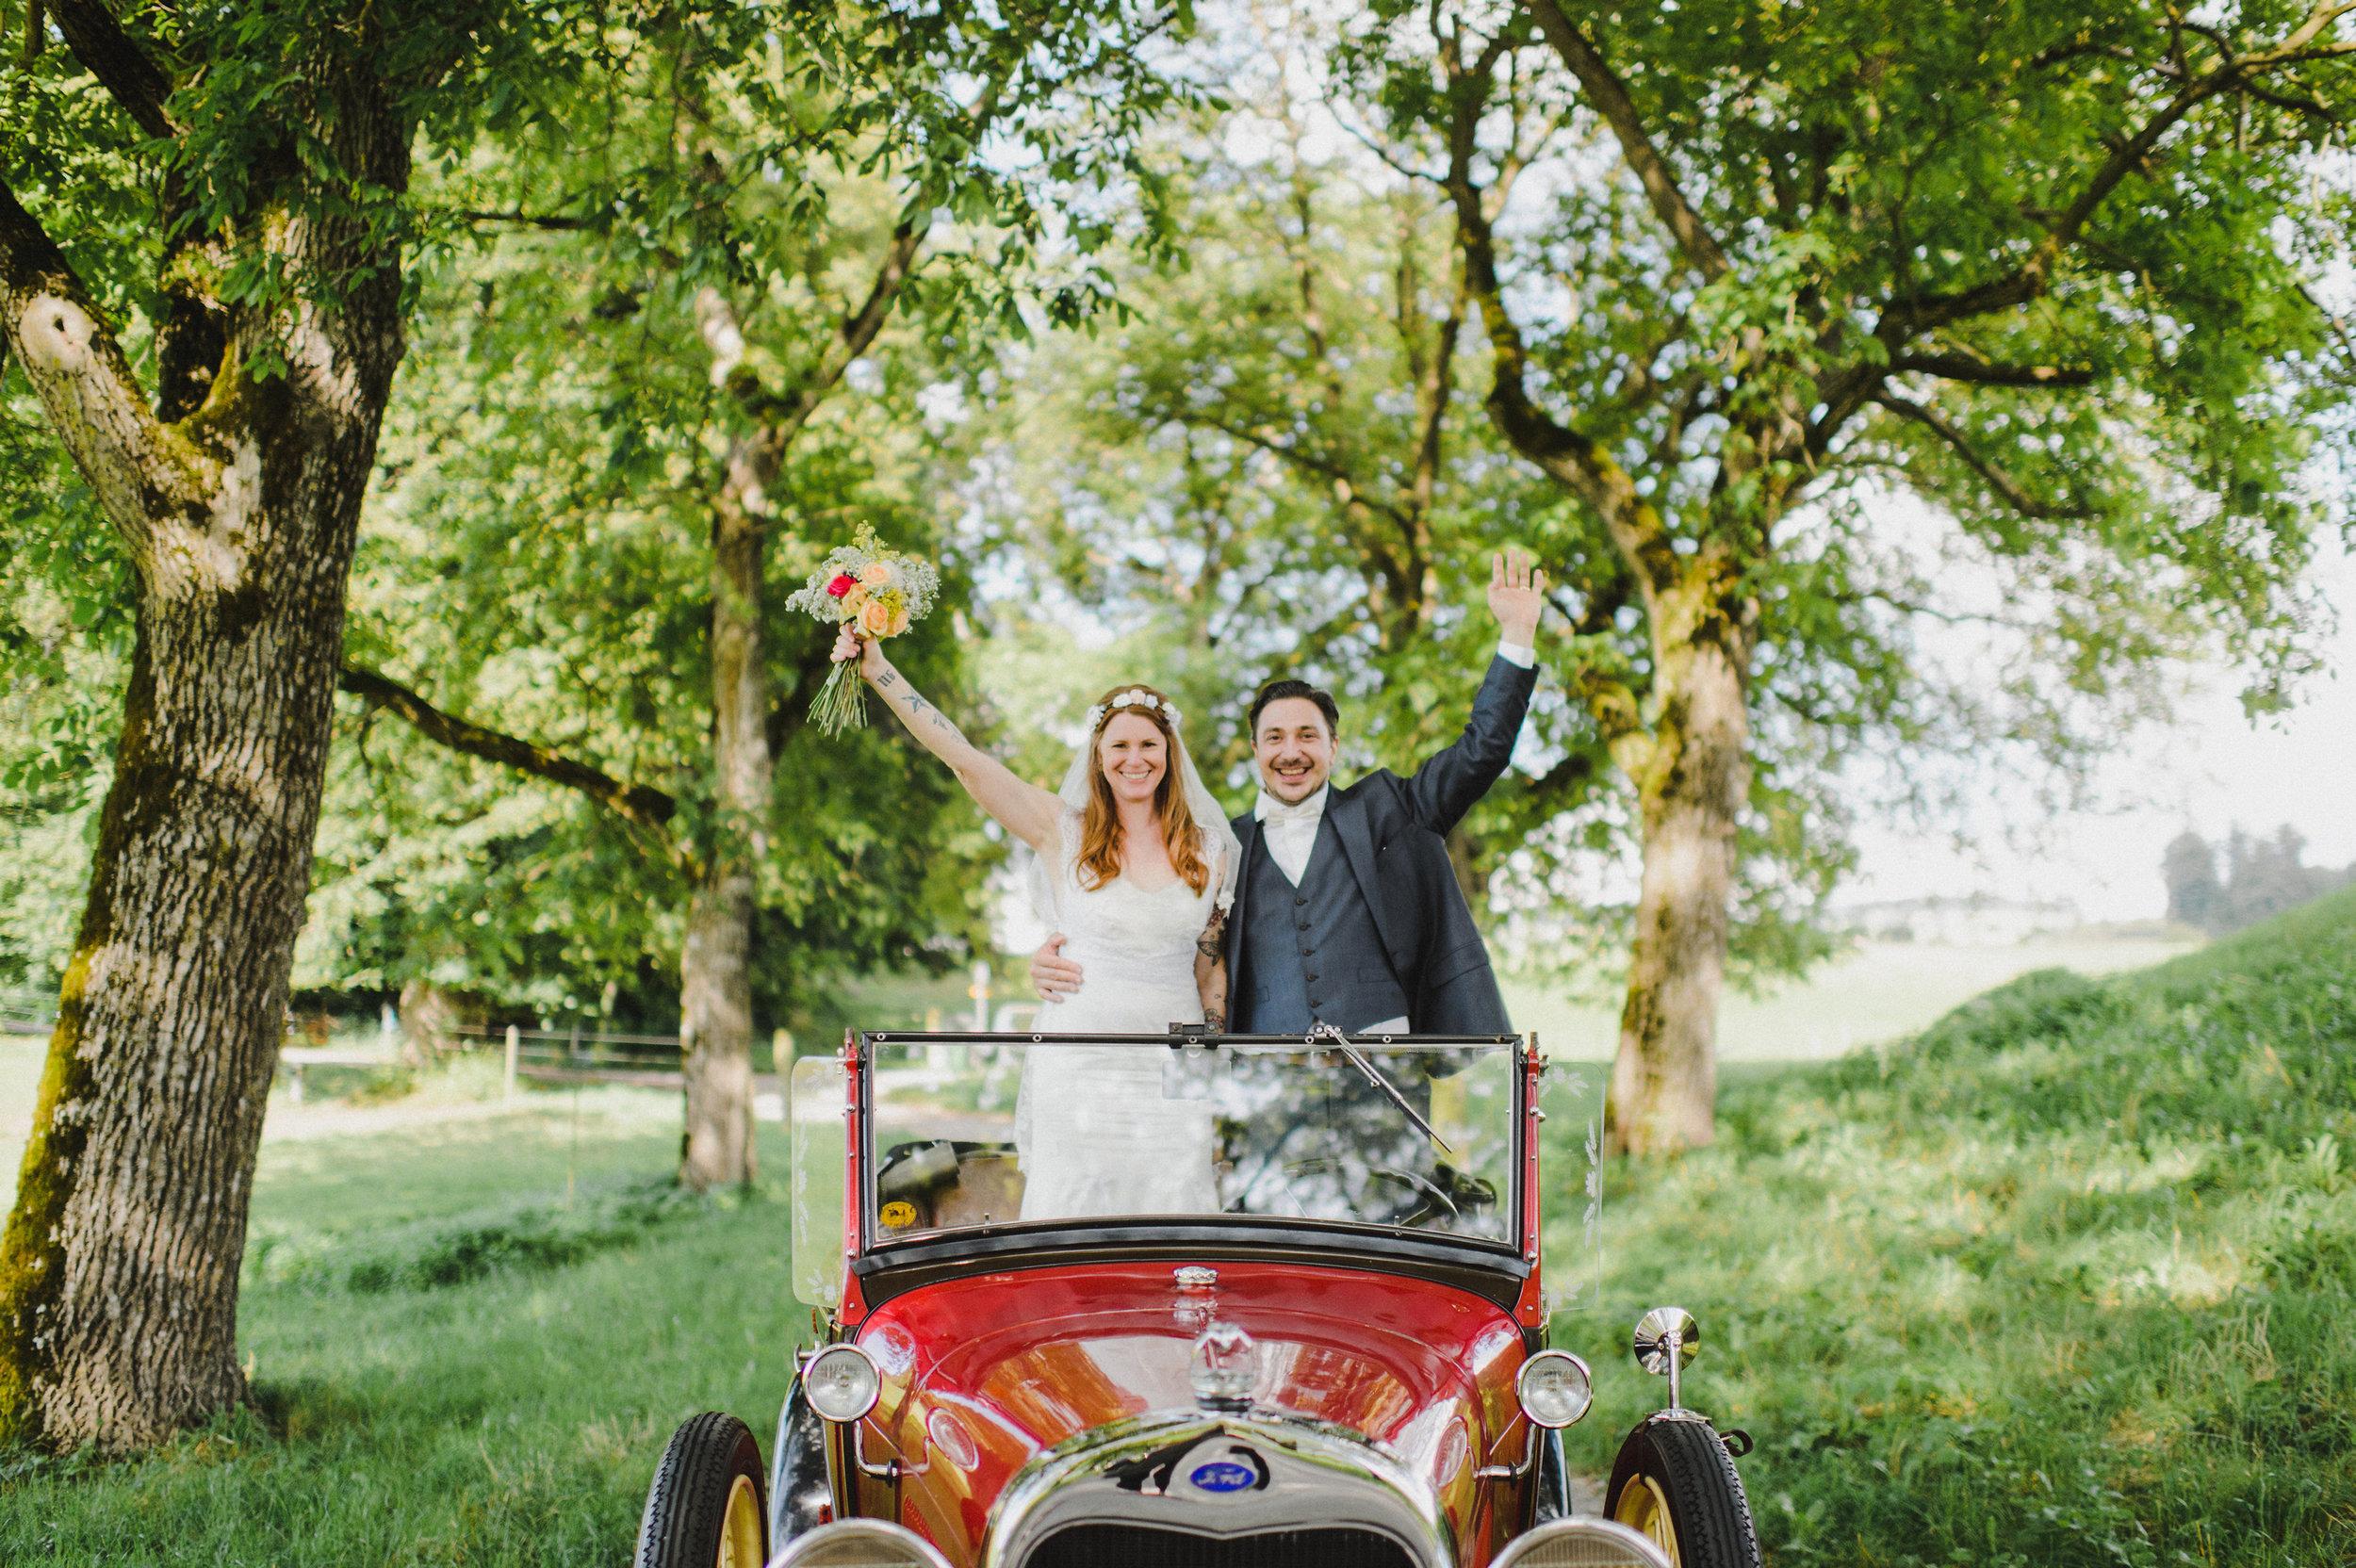 Hochzeit mit Samuel Schmidt im August 2016 - Foto: Caroline Dyer-Smith